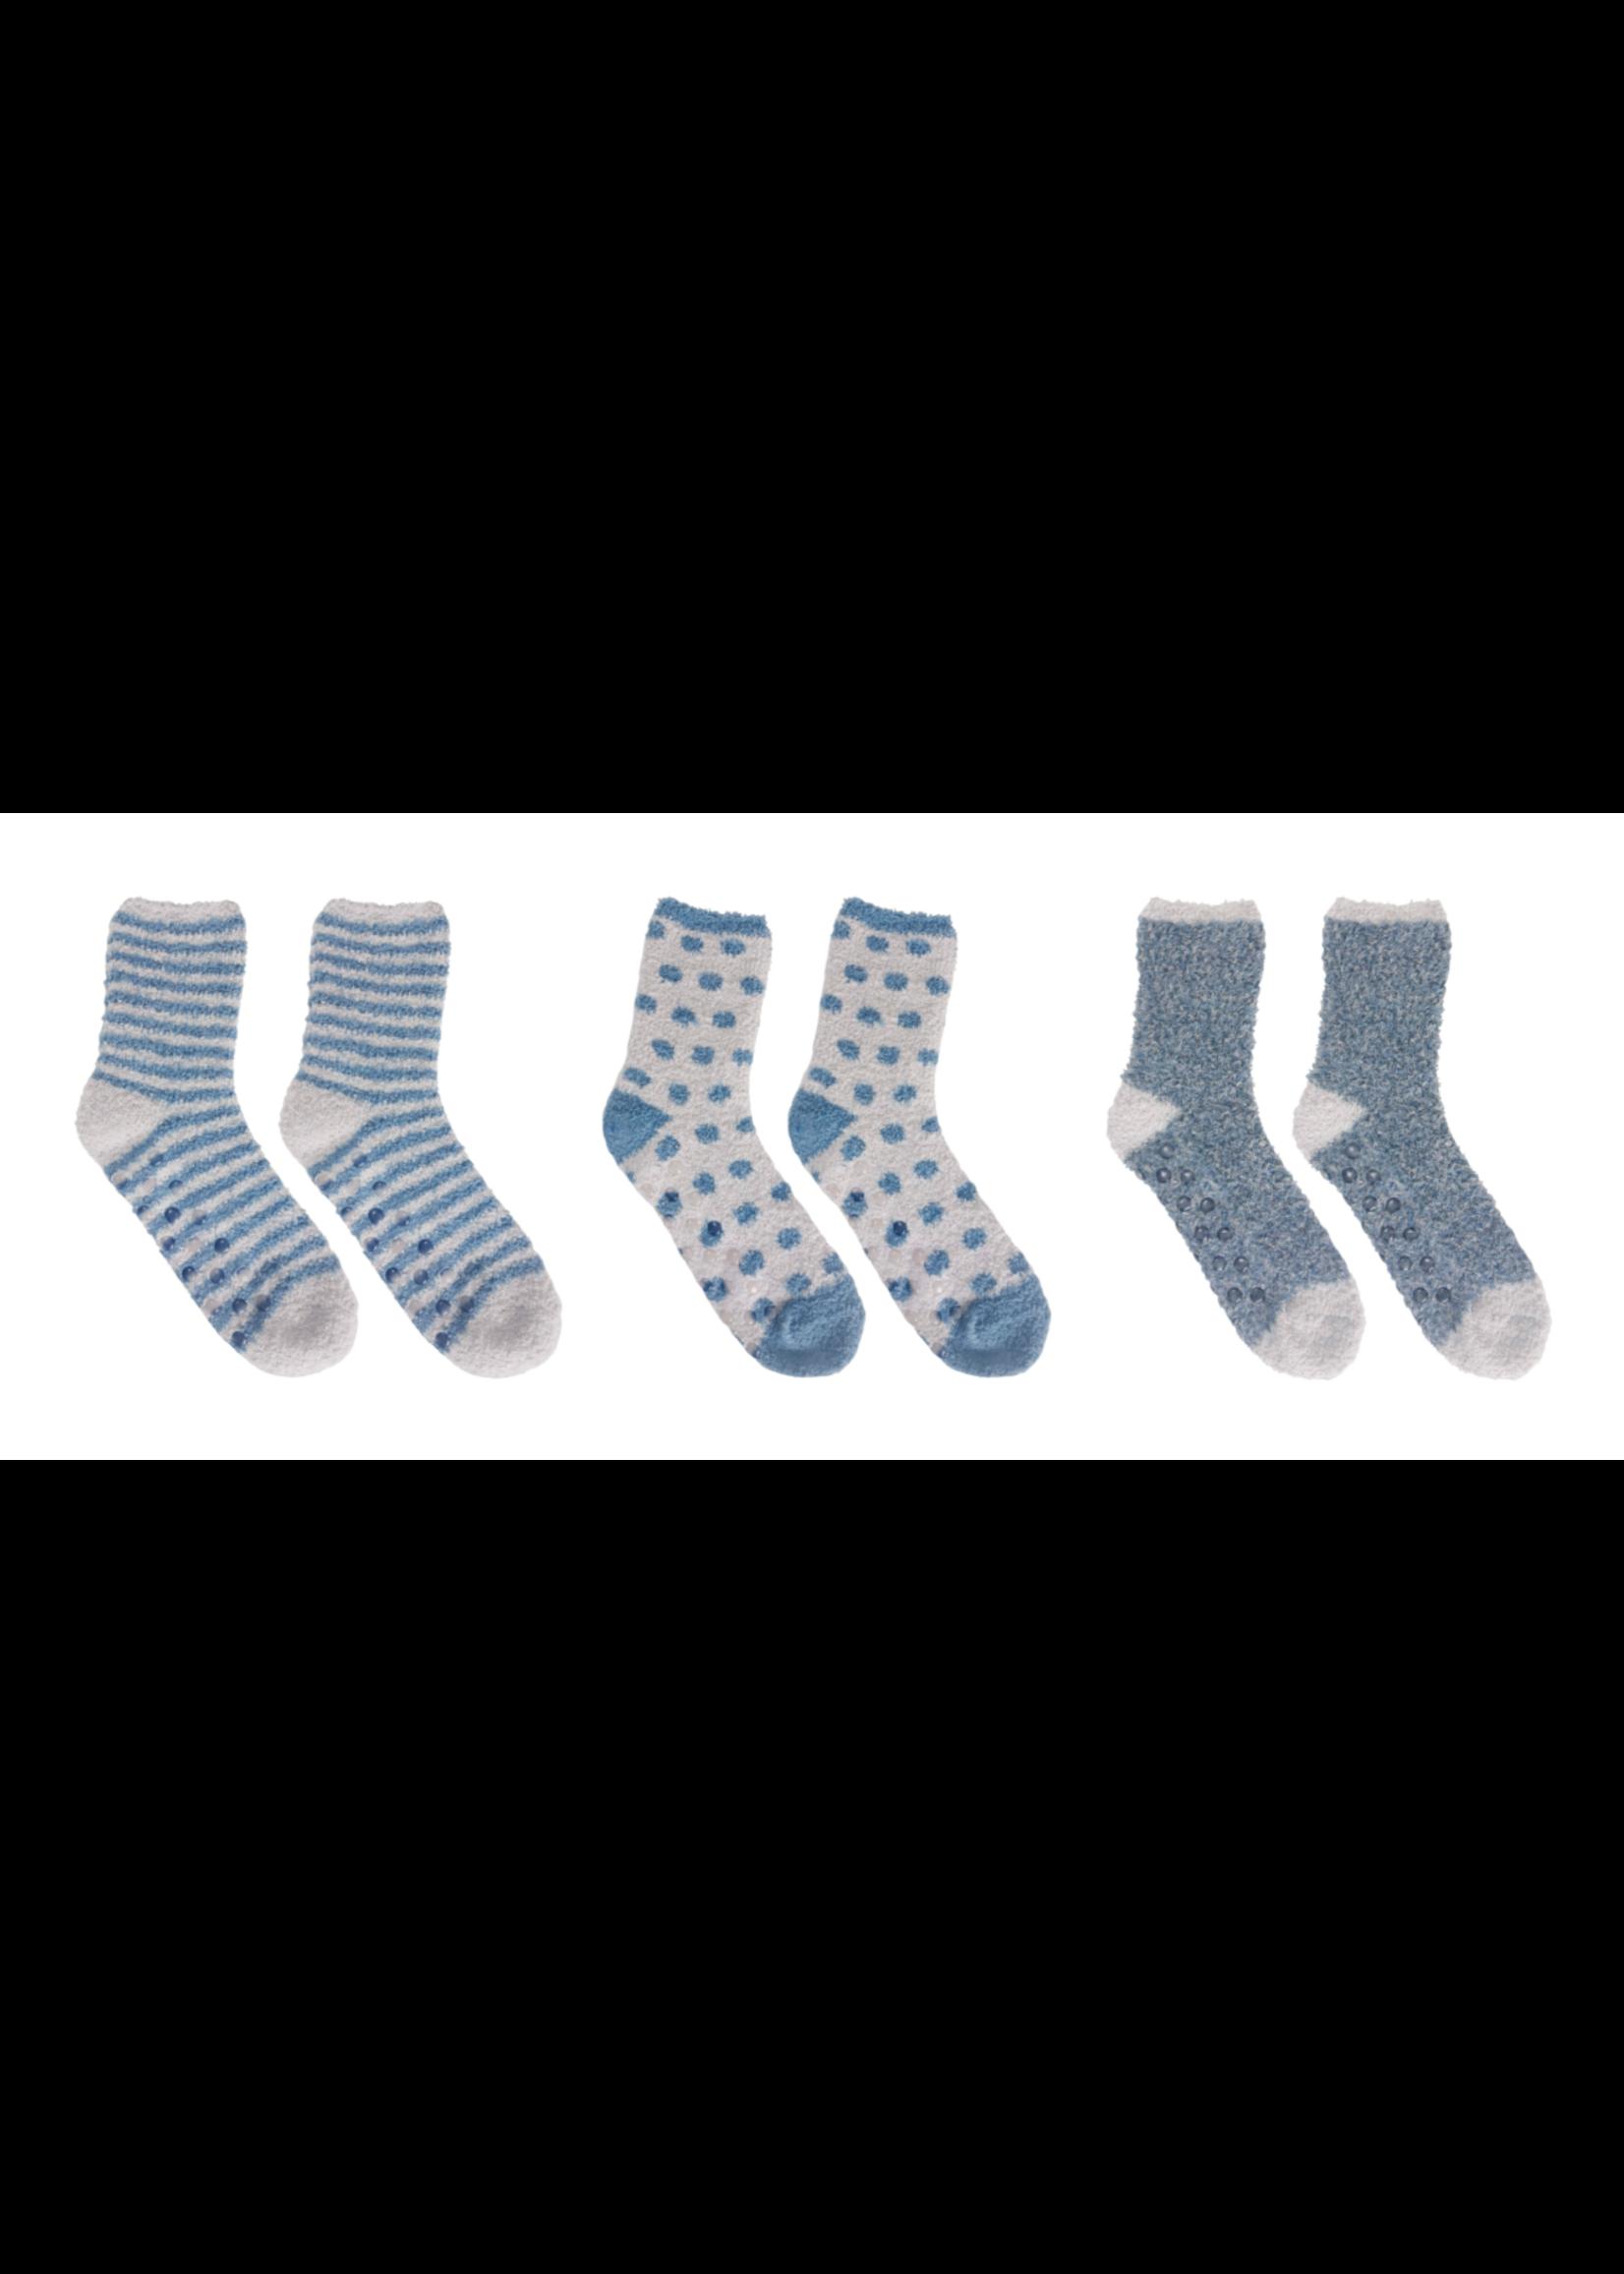 Premium Infused Soft Socks